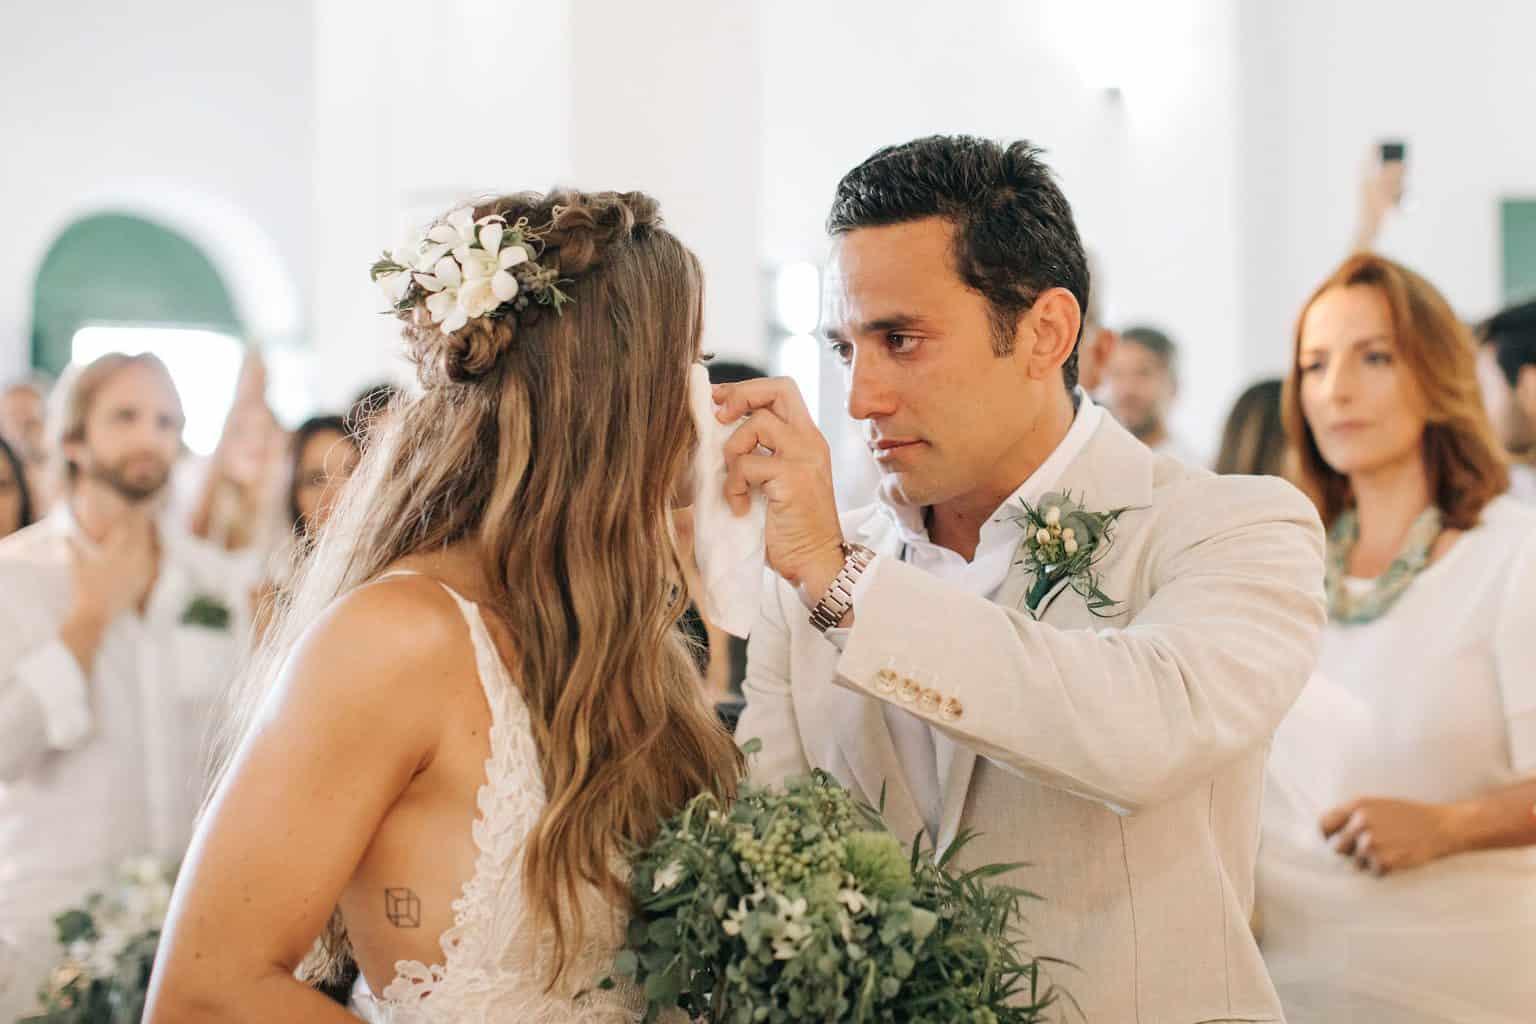 casamento-Danielle-e-Guilherme-aloha-fotografia-caseme-85